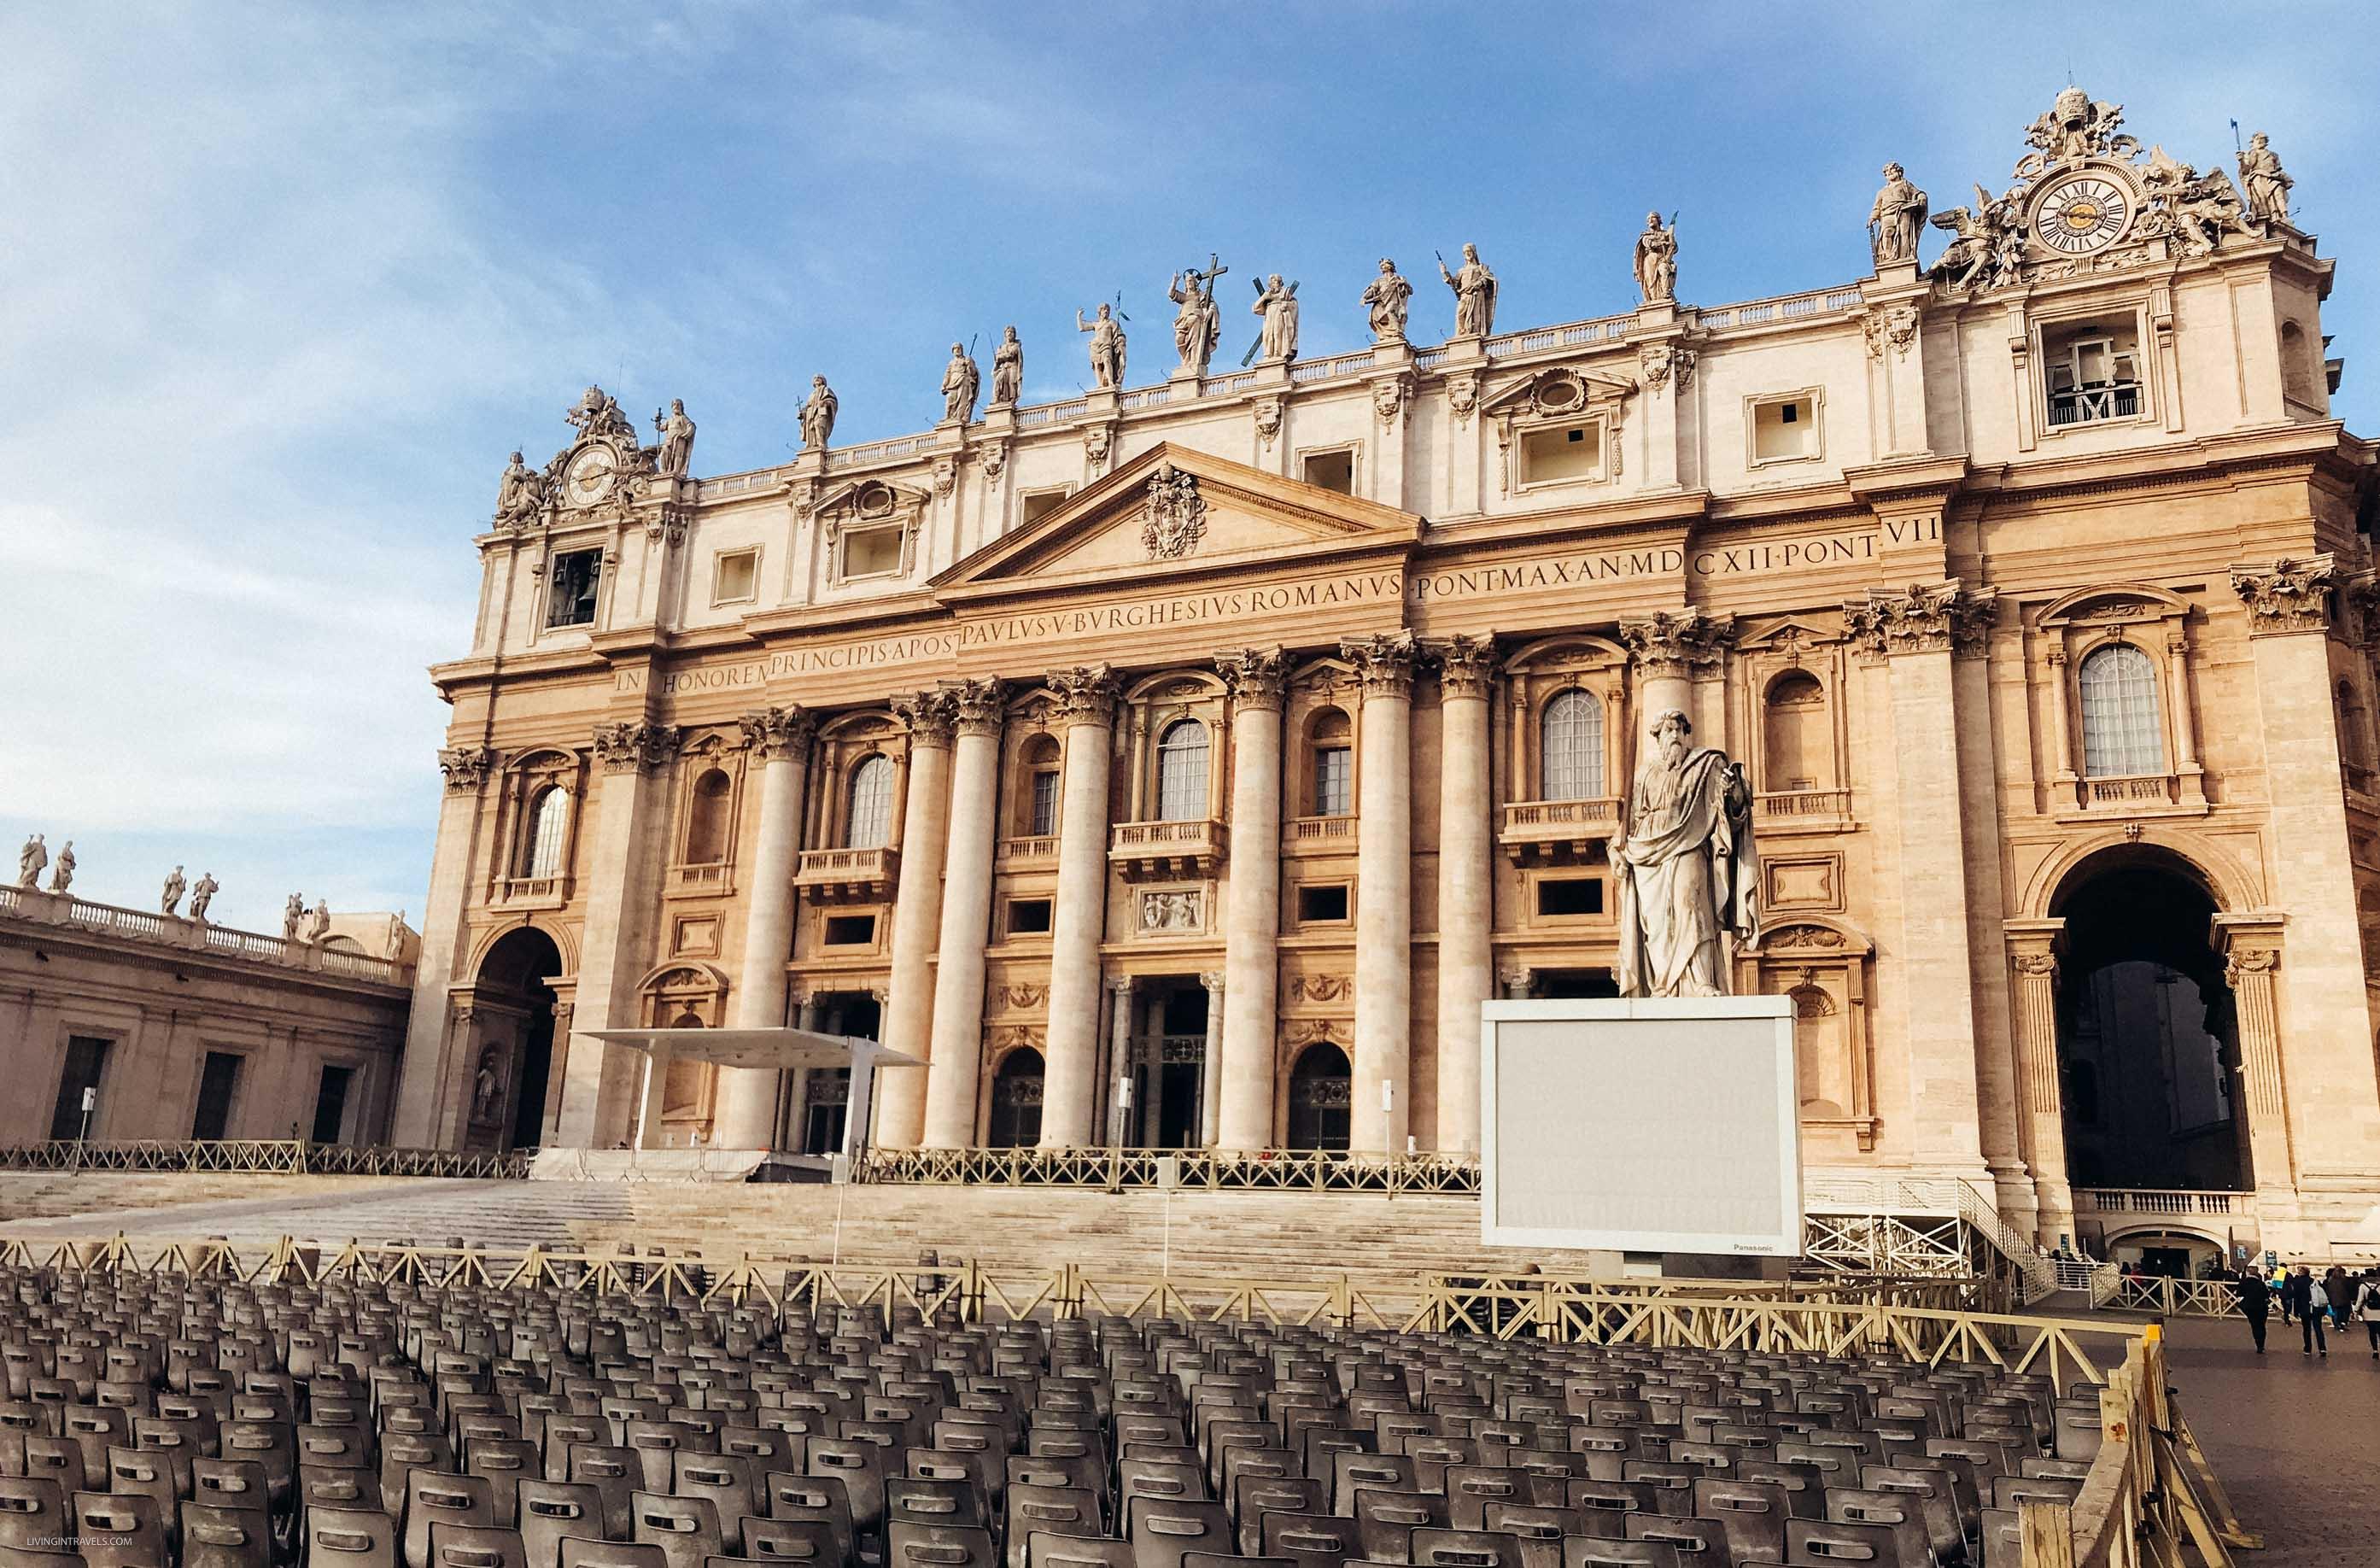 Собор Святого Петра в Ватикане. Рим для новичков или как увидеть город бесплатно (почти)